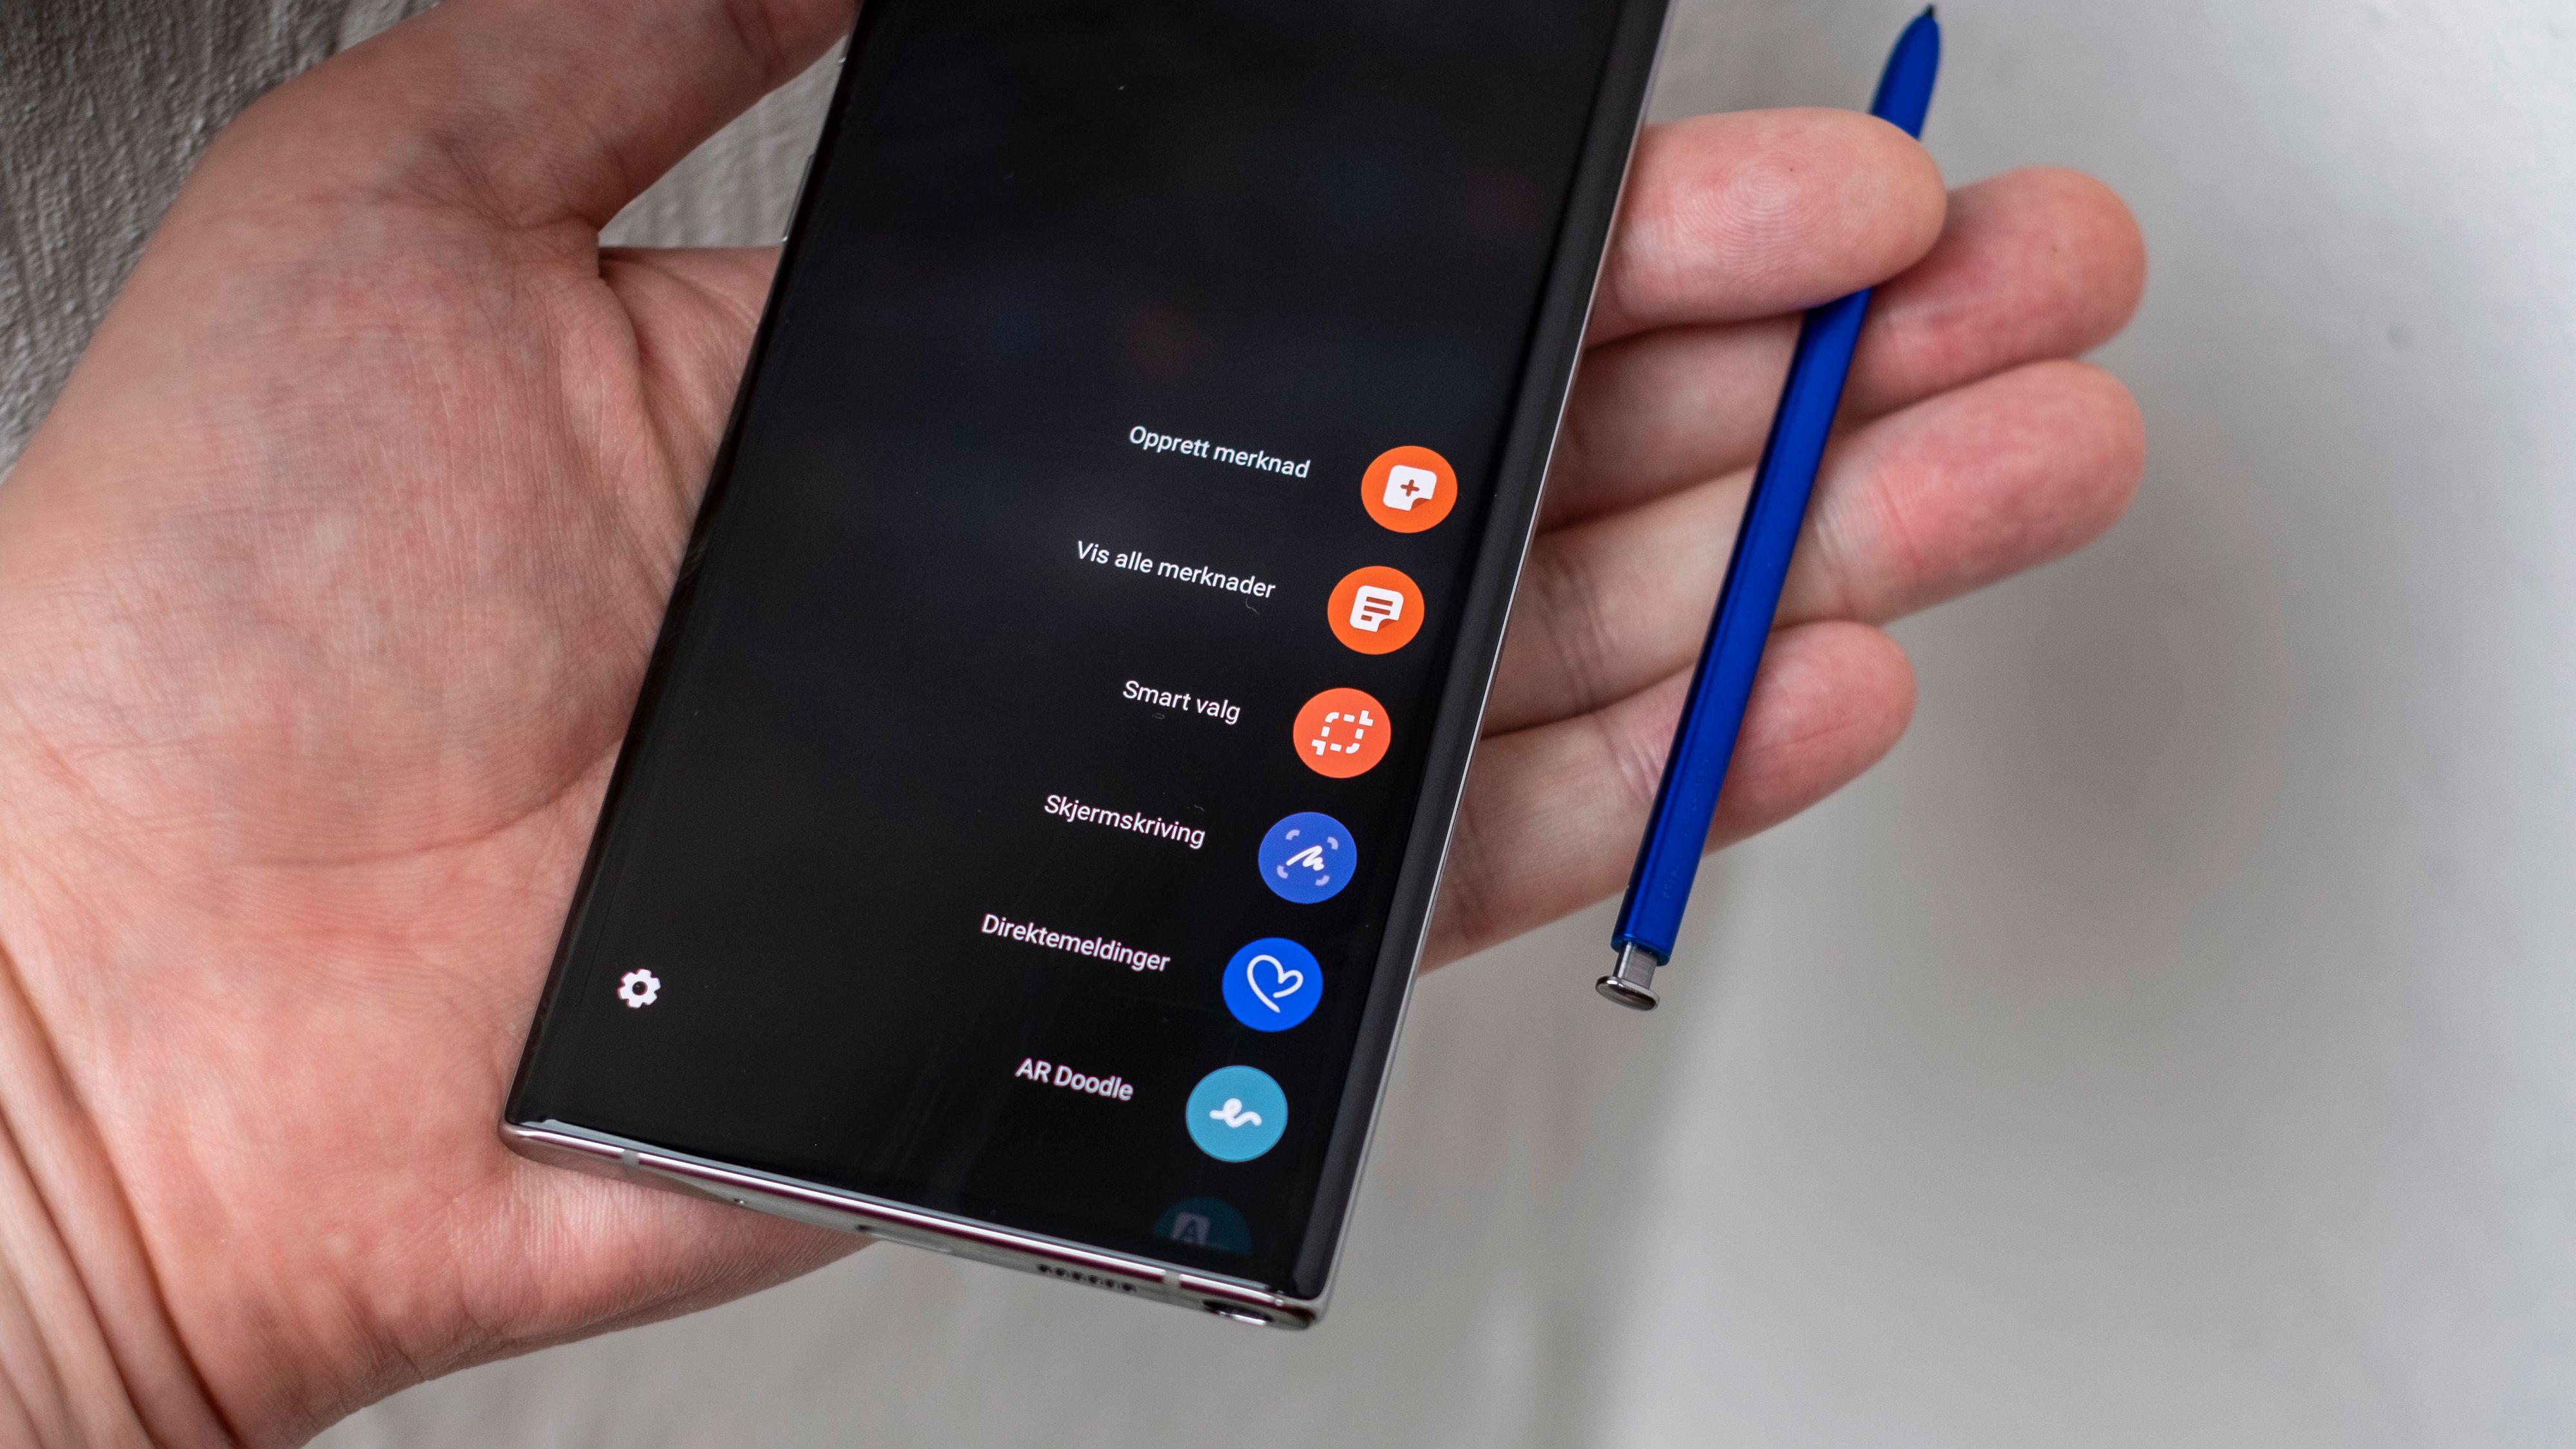 Et lite trykk mot det som ser ut som en knapp nederst på telefonen, og pennen spretter ut. Når du tar den helt ut av telefonen åpner den klassiske Note-menyen seg. Denne har vi sett før, men flere av ingrediensene her også er nyttige, for eksempel Smartvalg-løsningen som lar deg ta bedre skjermdumper enn på andre telefoner.